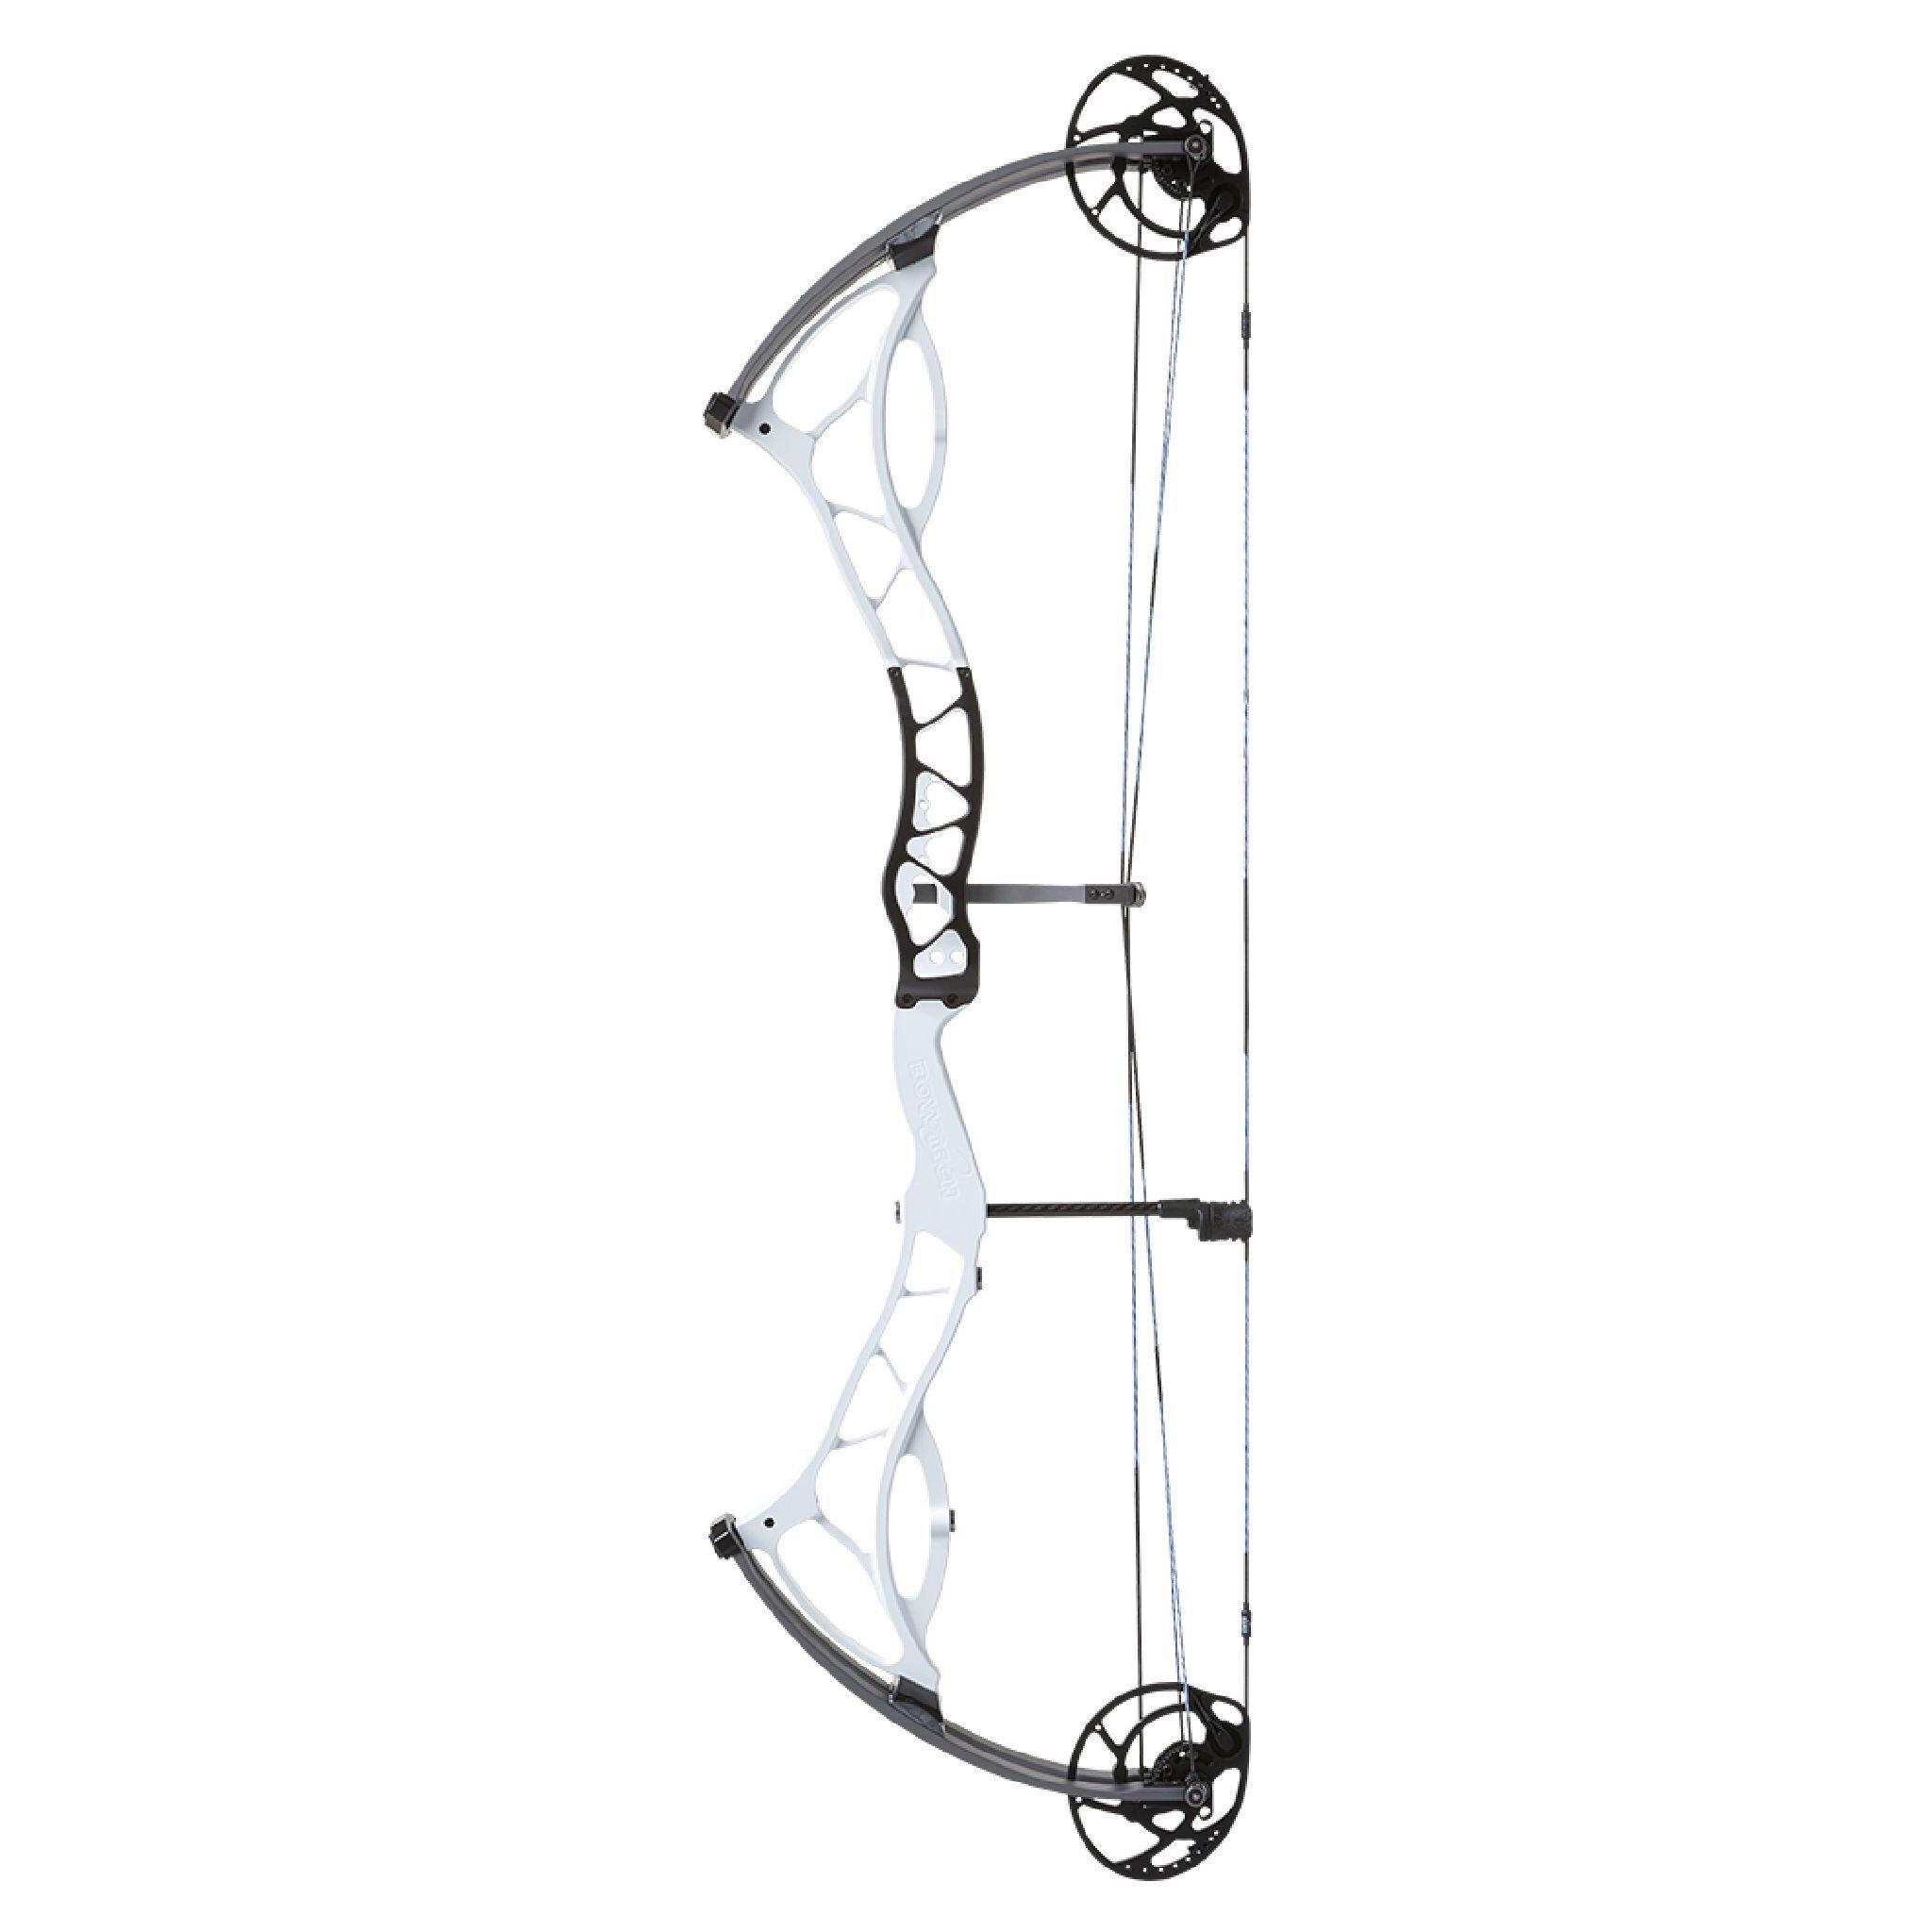 2048x2048 Advanced Archery